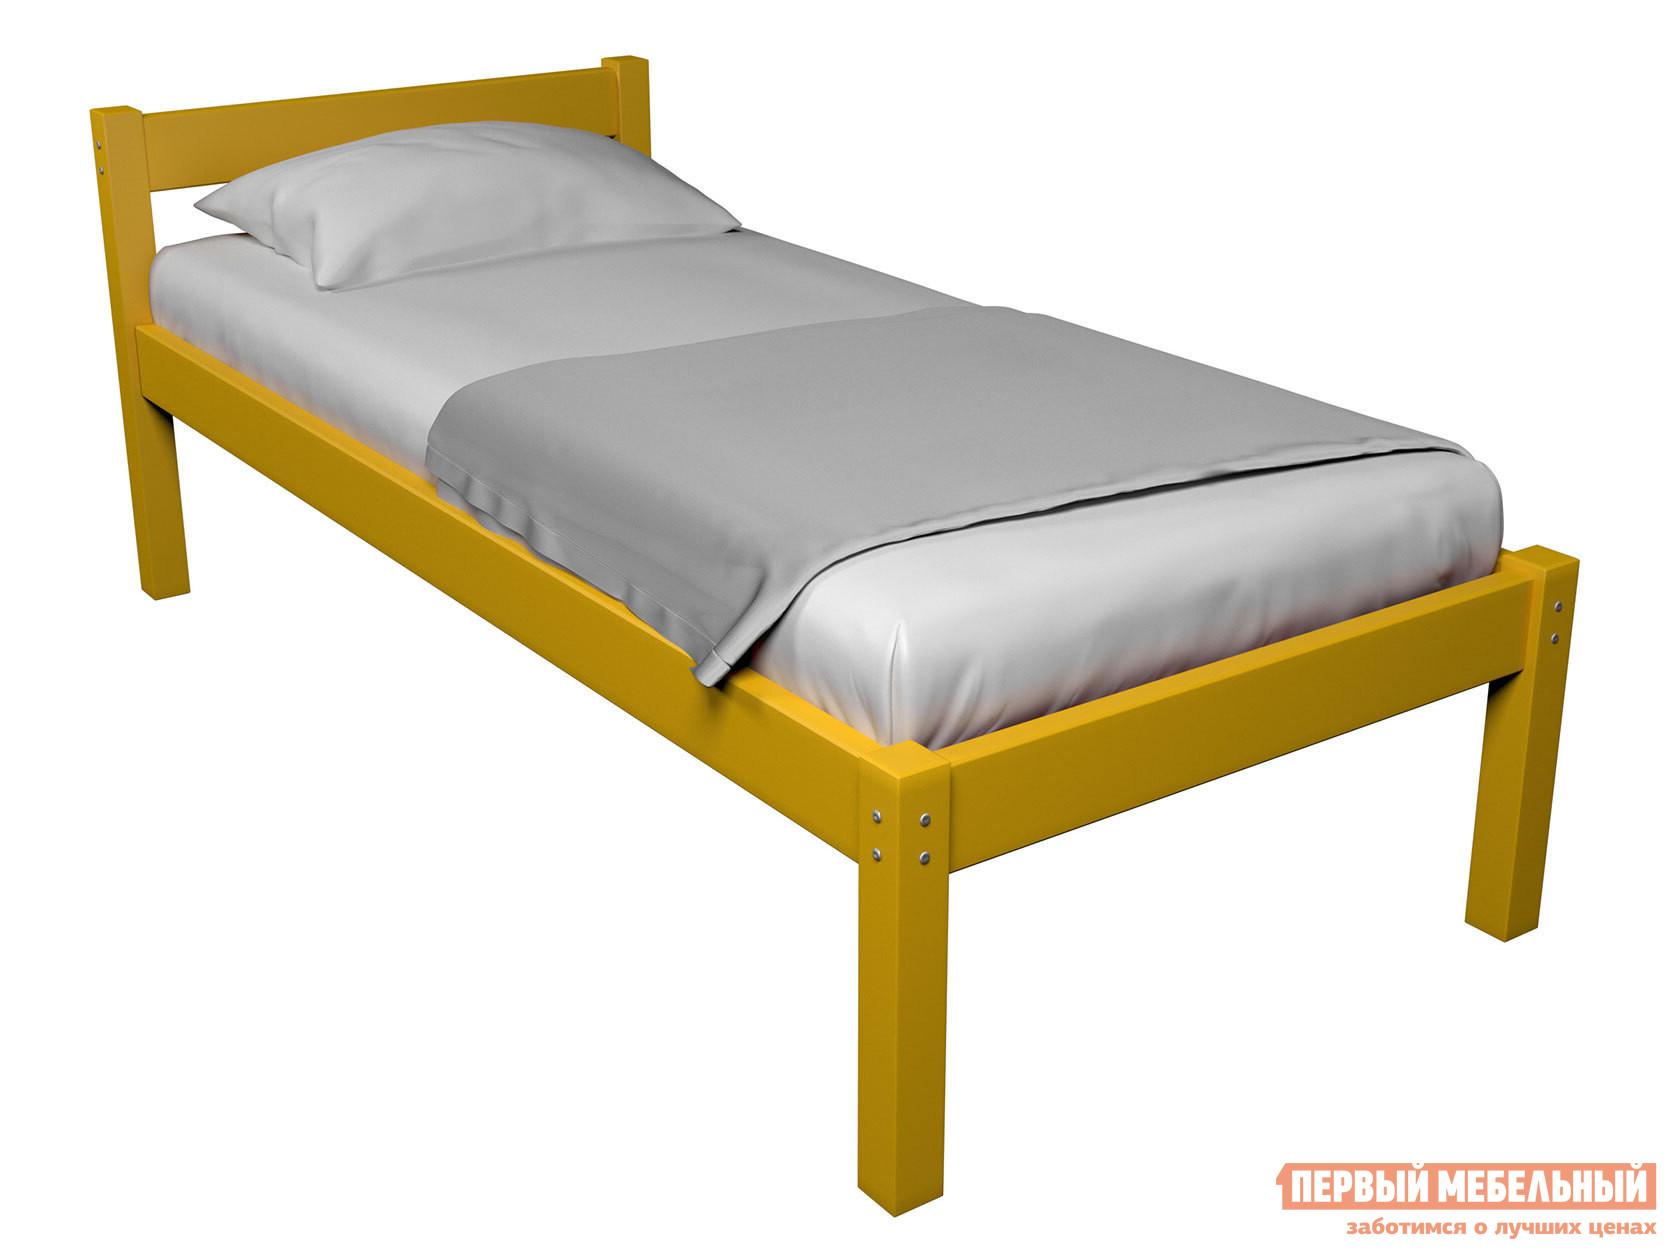 Детская кровать  Кровать Герда Желтый, 90х160 — Кровать Герда Желтый, 90х160